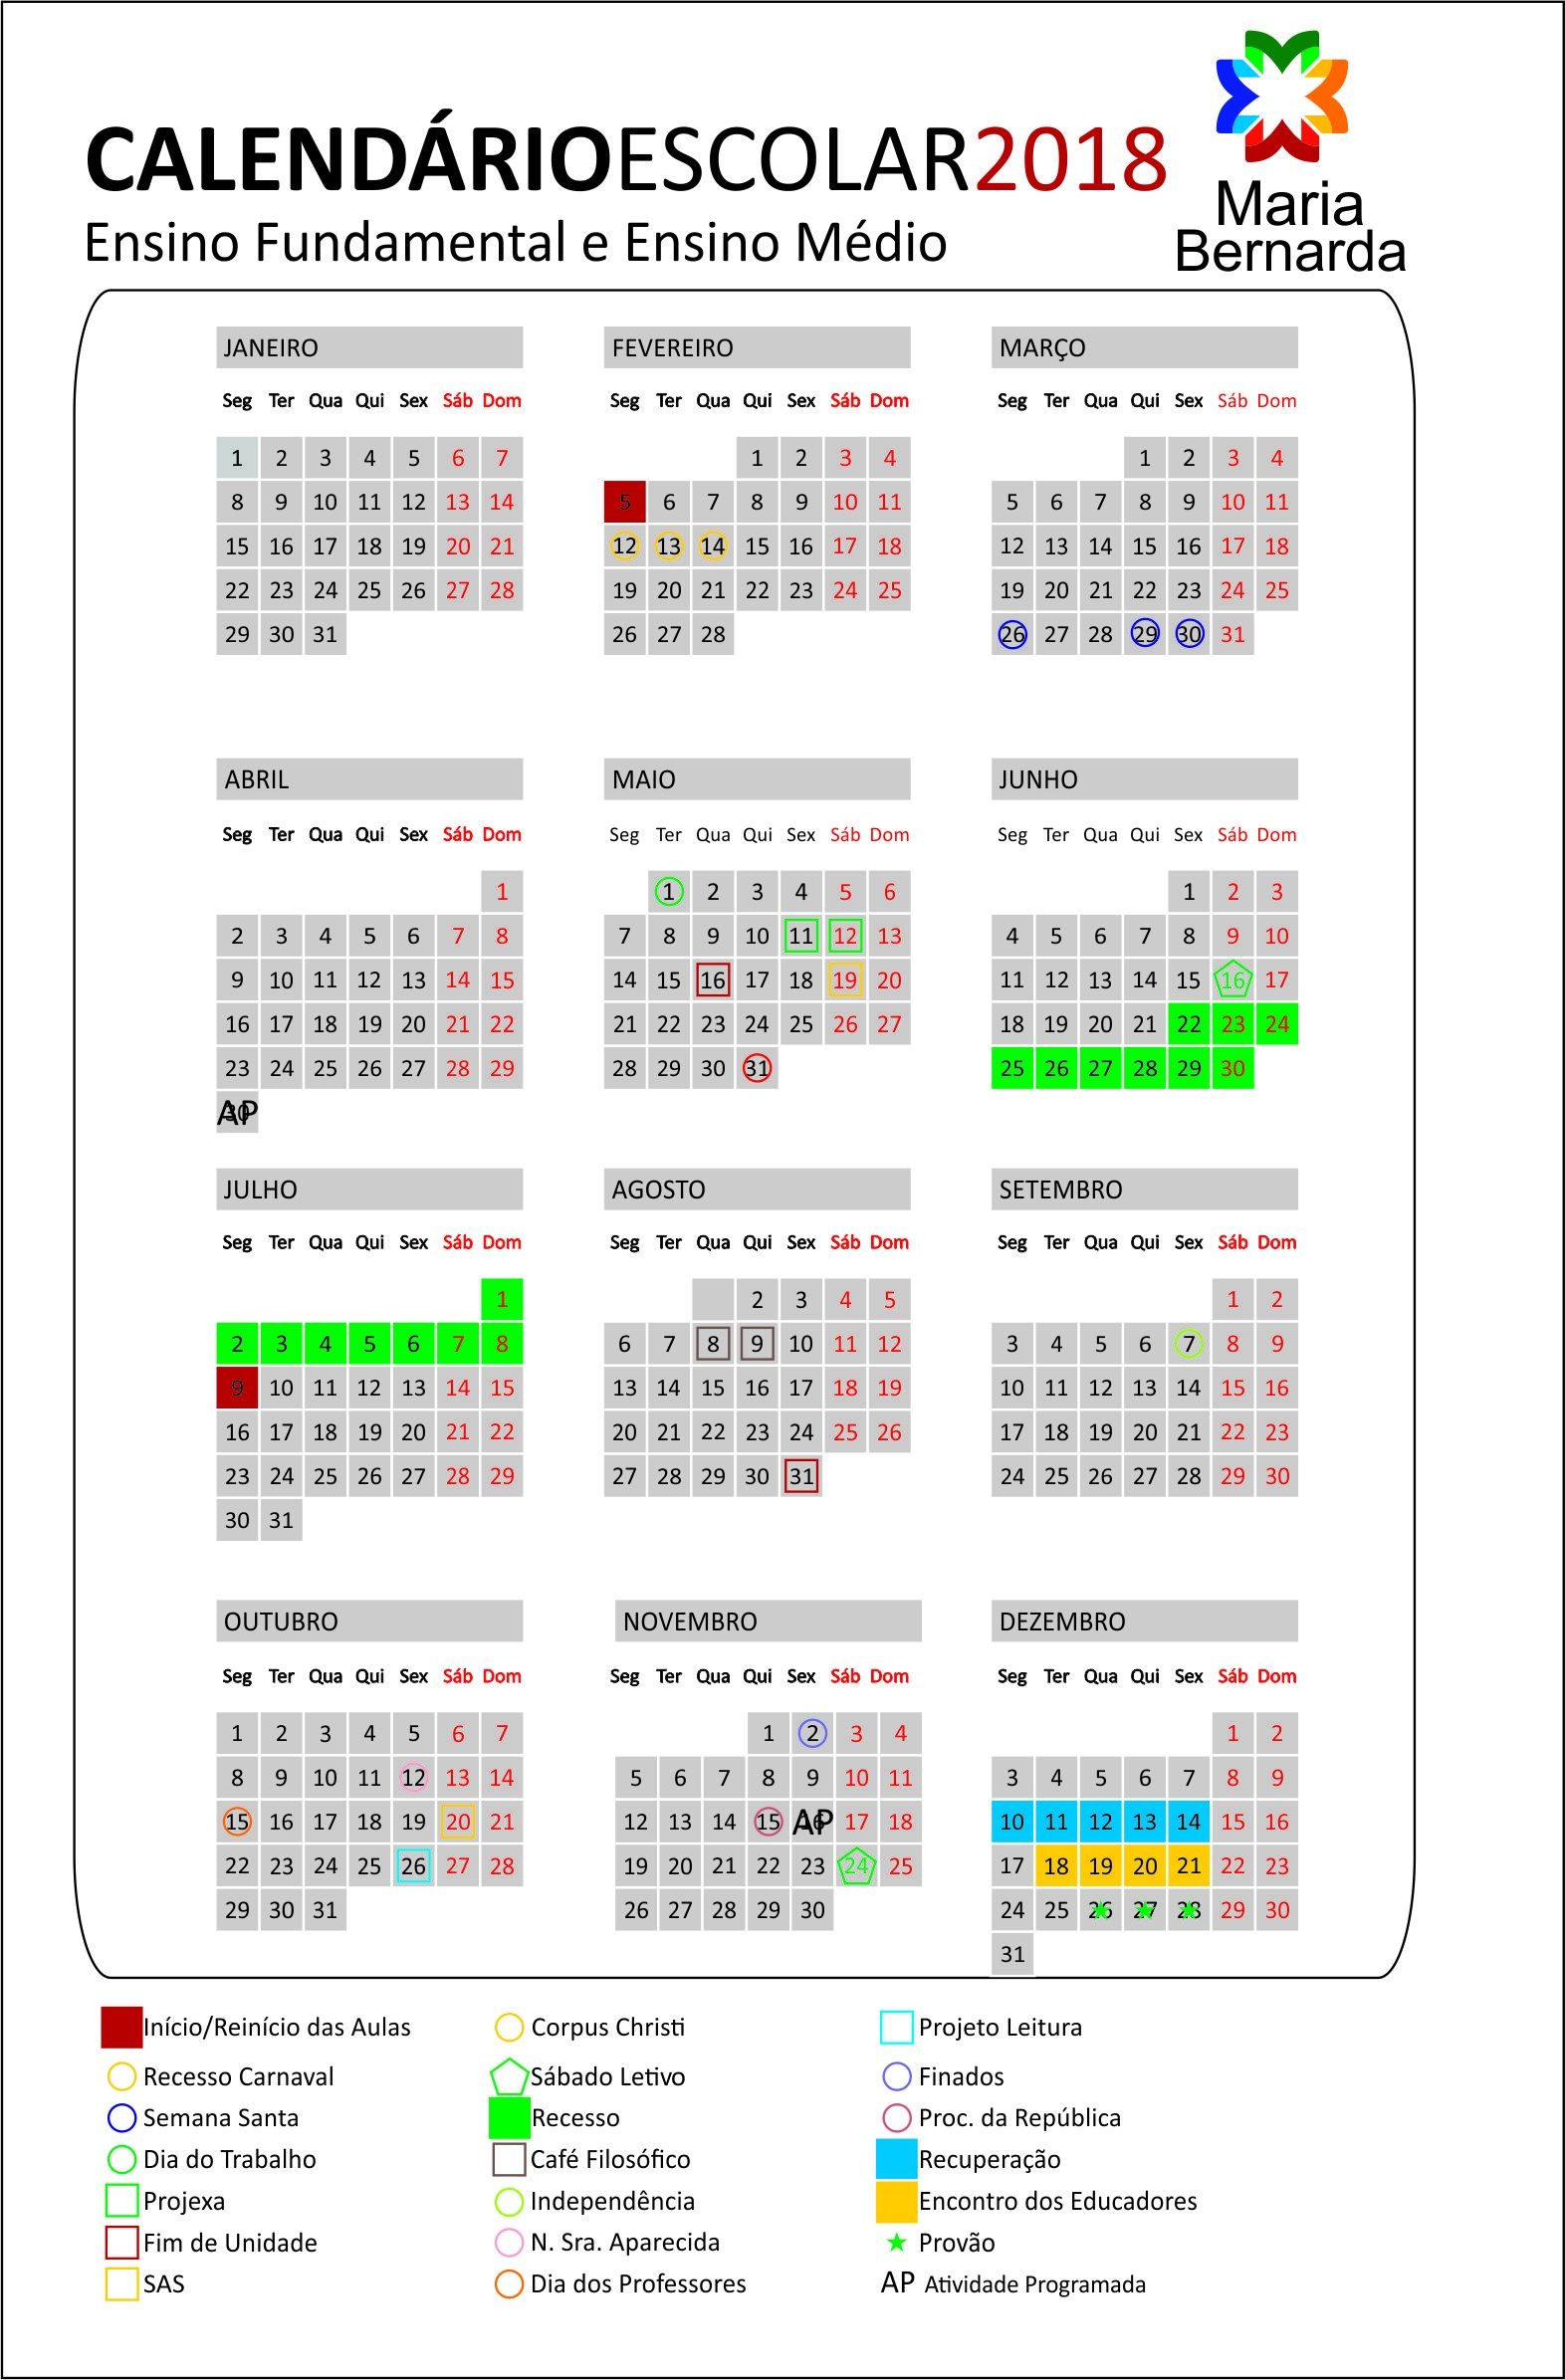 20 Mar 2018 04 20 1 1M calendario2014 03 Jun 2014 13 08 895K calendario 18 Jun 2013 15 20 788K calendario2012 19 Jun 2012 08 24 752K